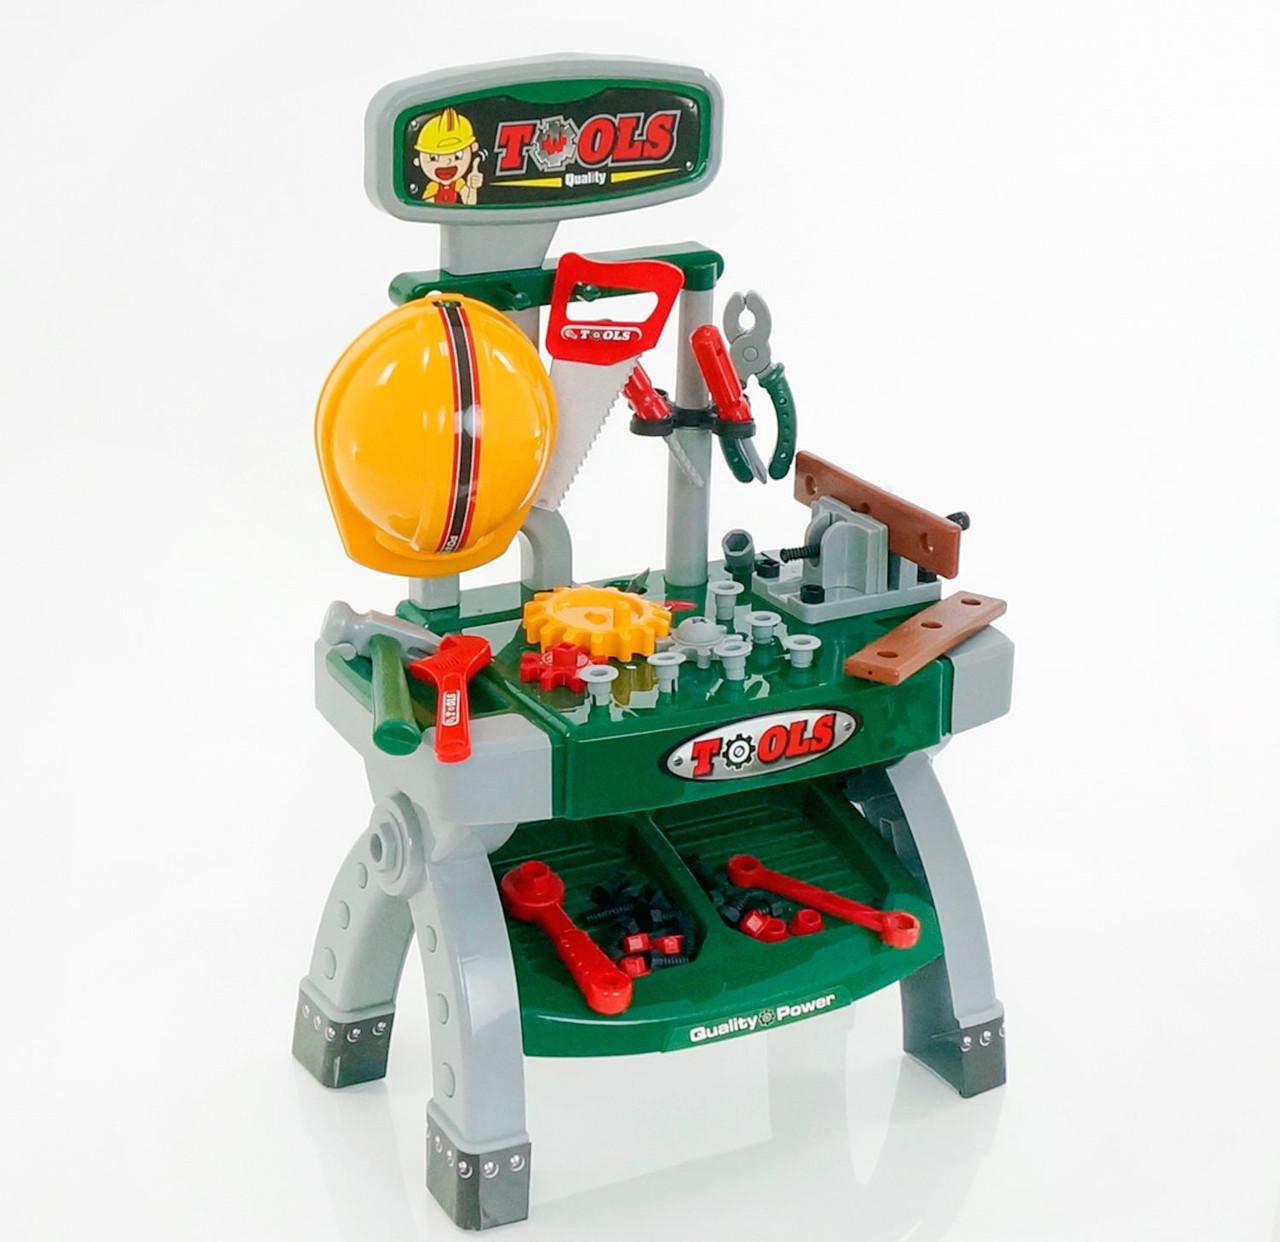 Детские инструменты Набор детских инструментов Инструменты для детей